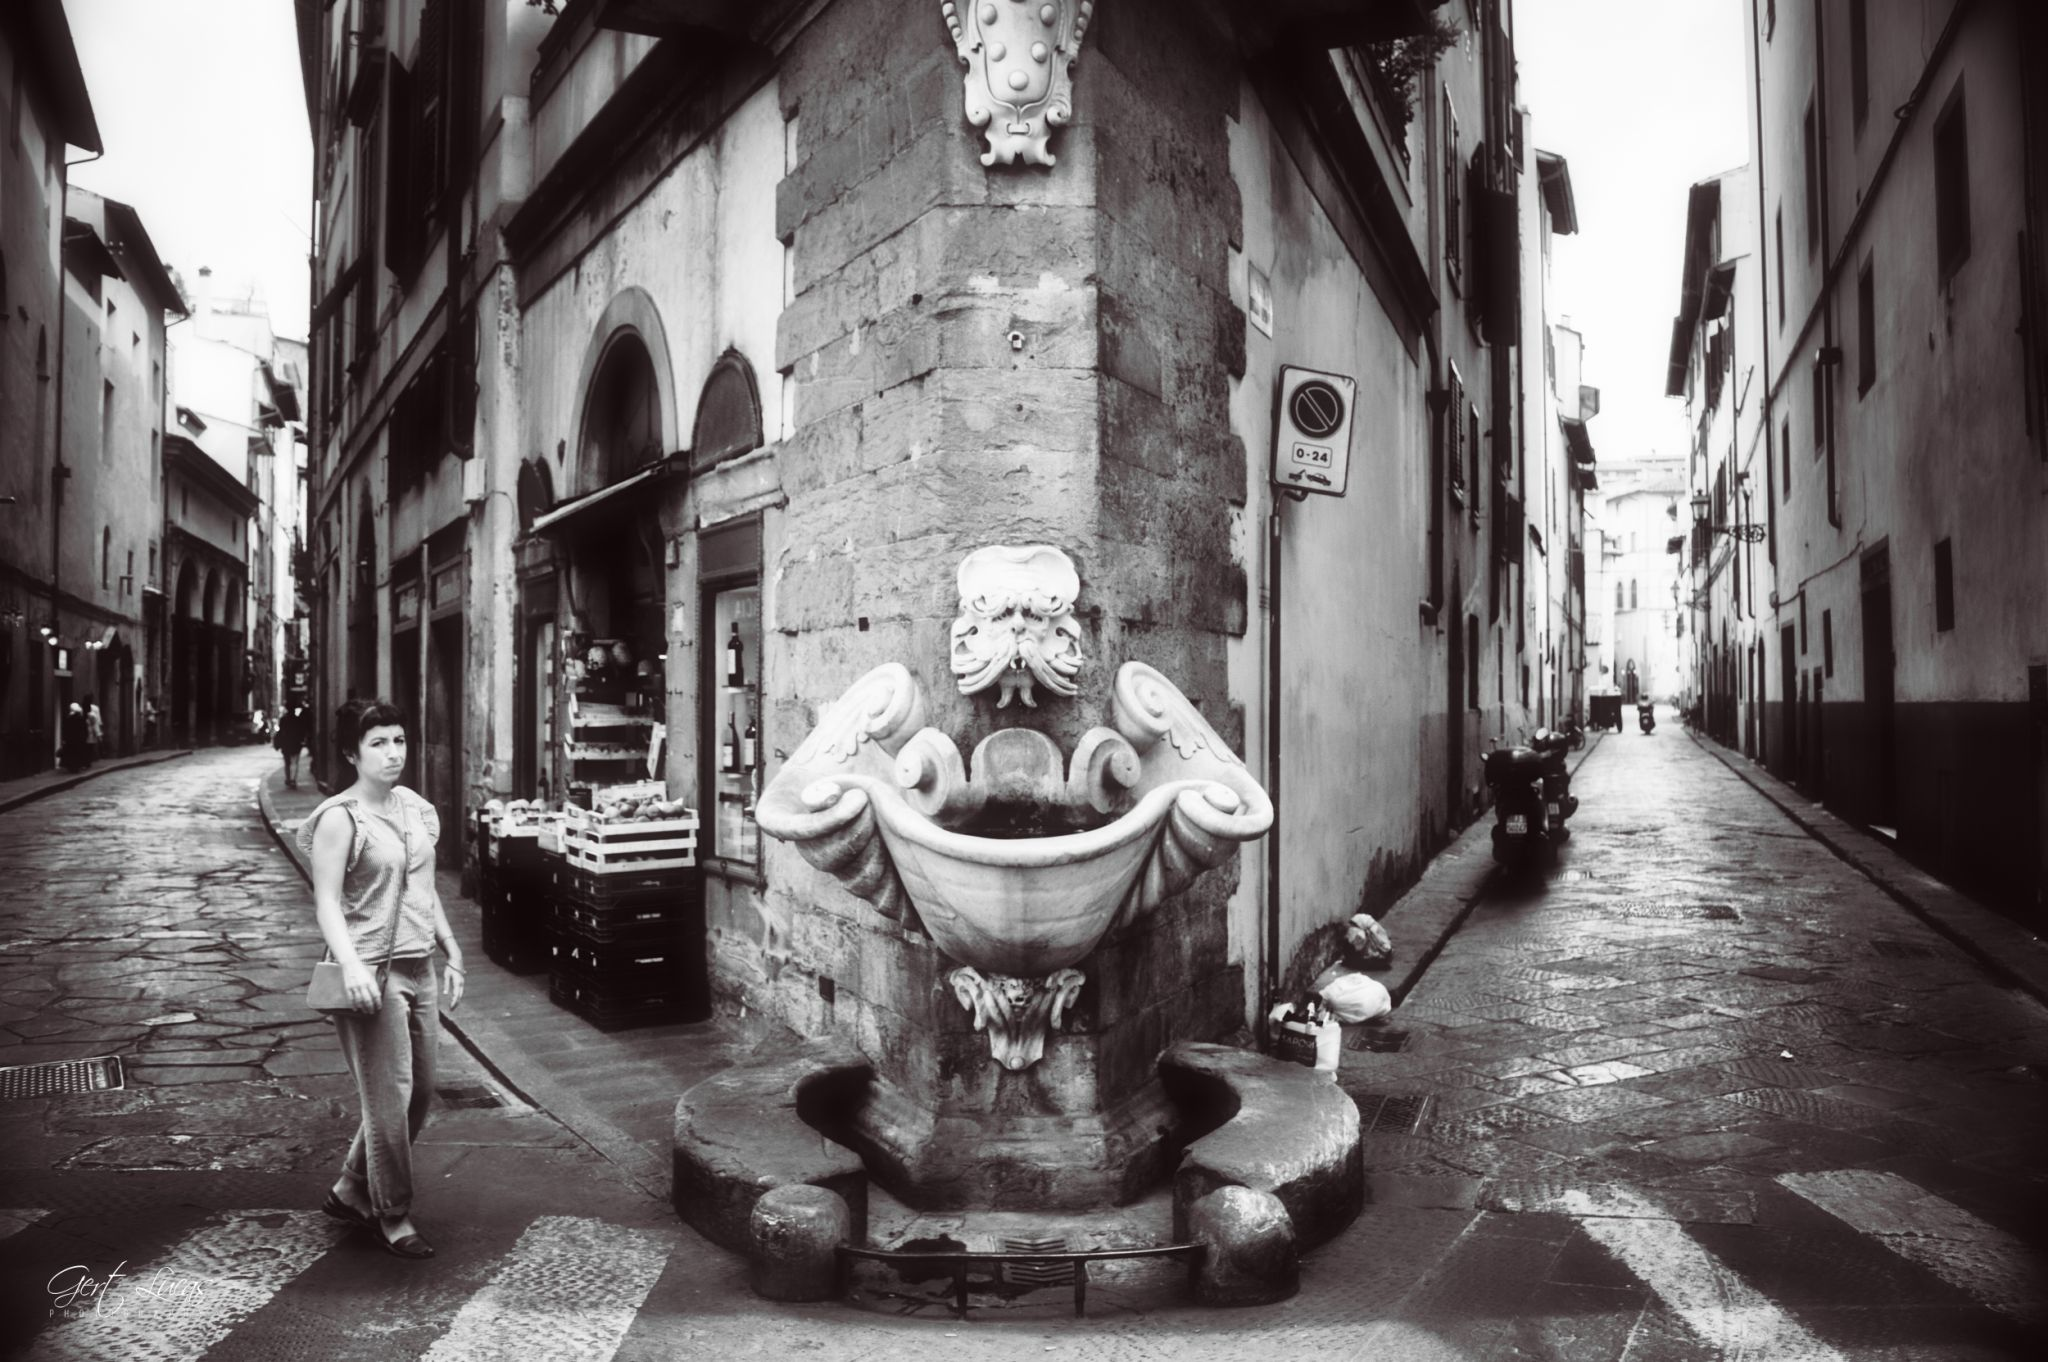 Firenze - Fontana della Sprone, Italy